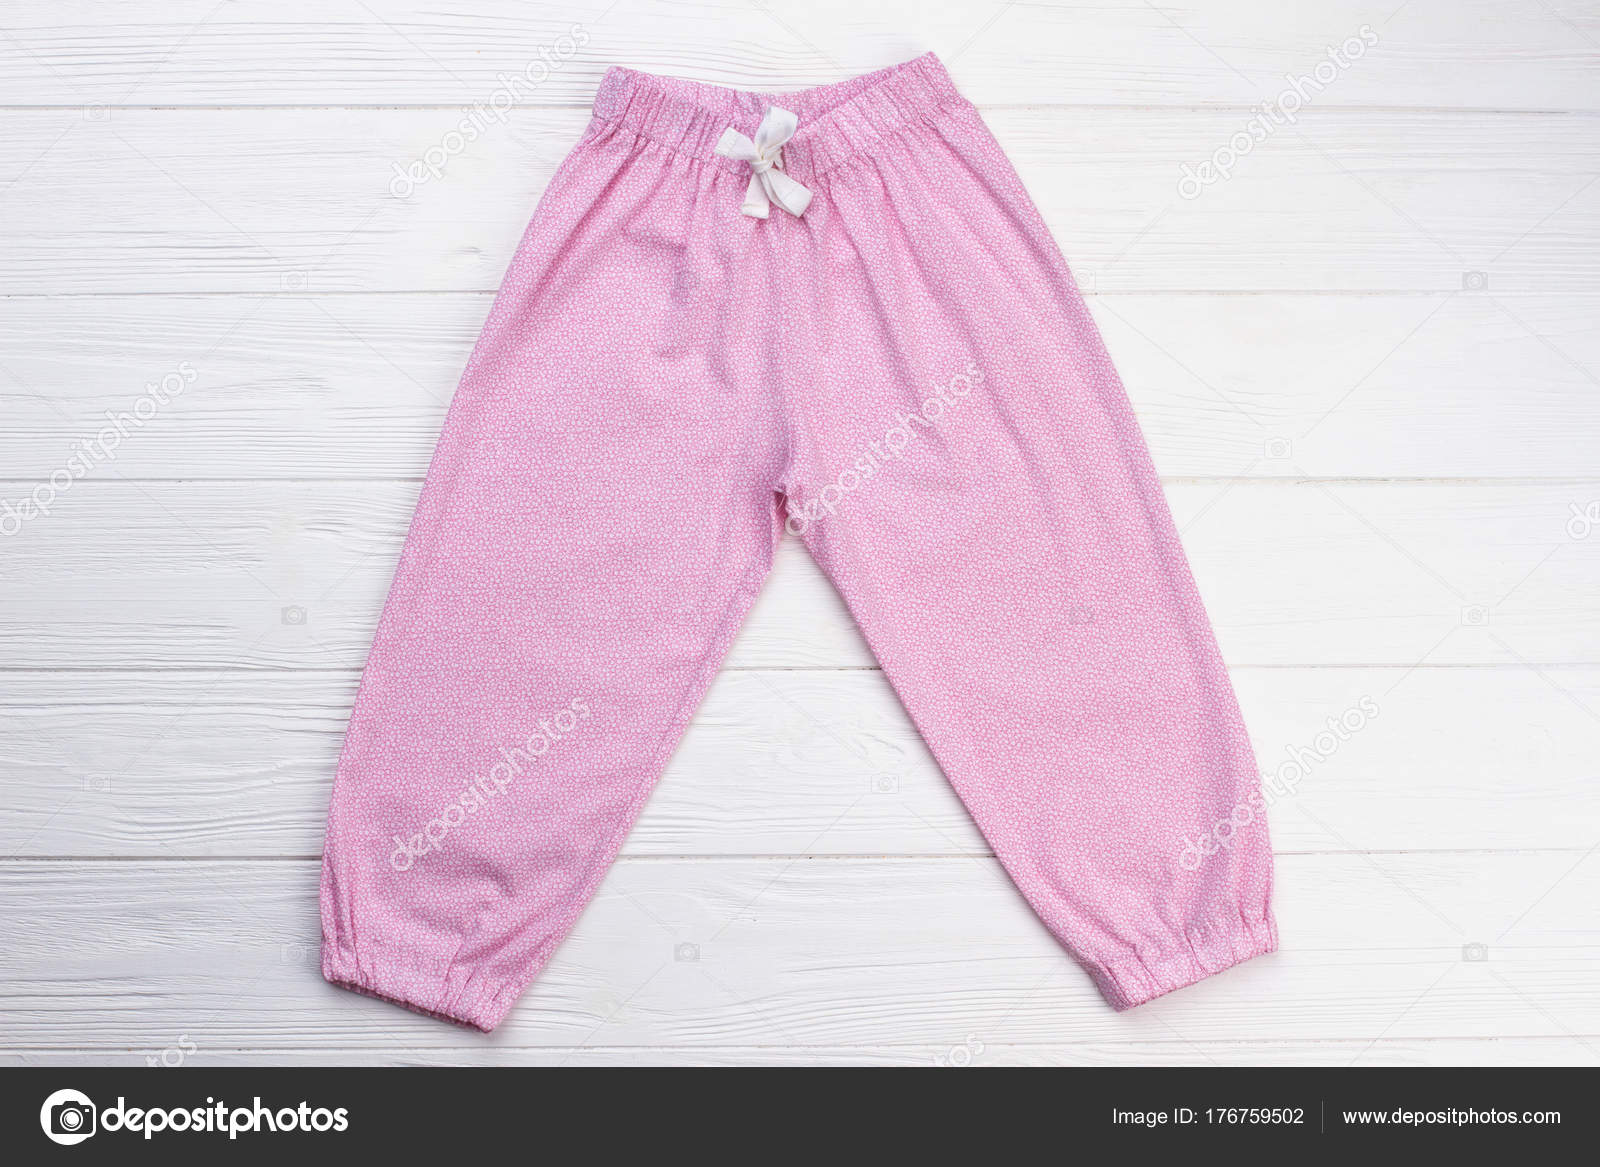 dcdc2b34a19e Pantalones rosa con el lazo blanco. Simple diseño de ropa. Cómoda ropa de  dormir para niñas — Foto de Denisfilm